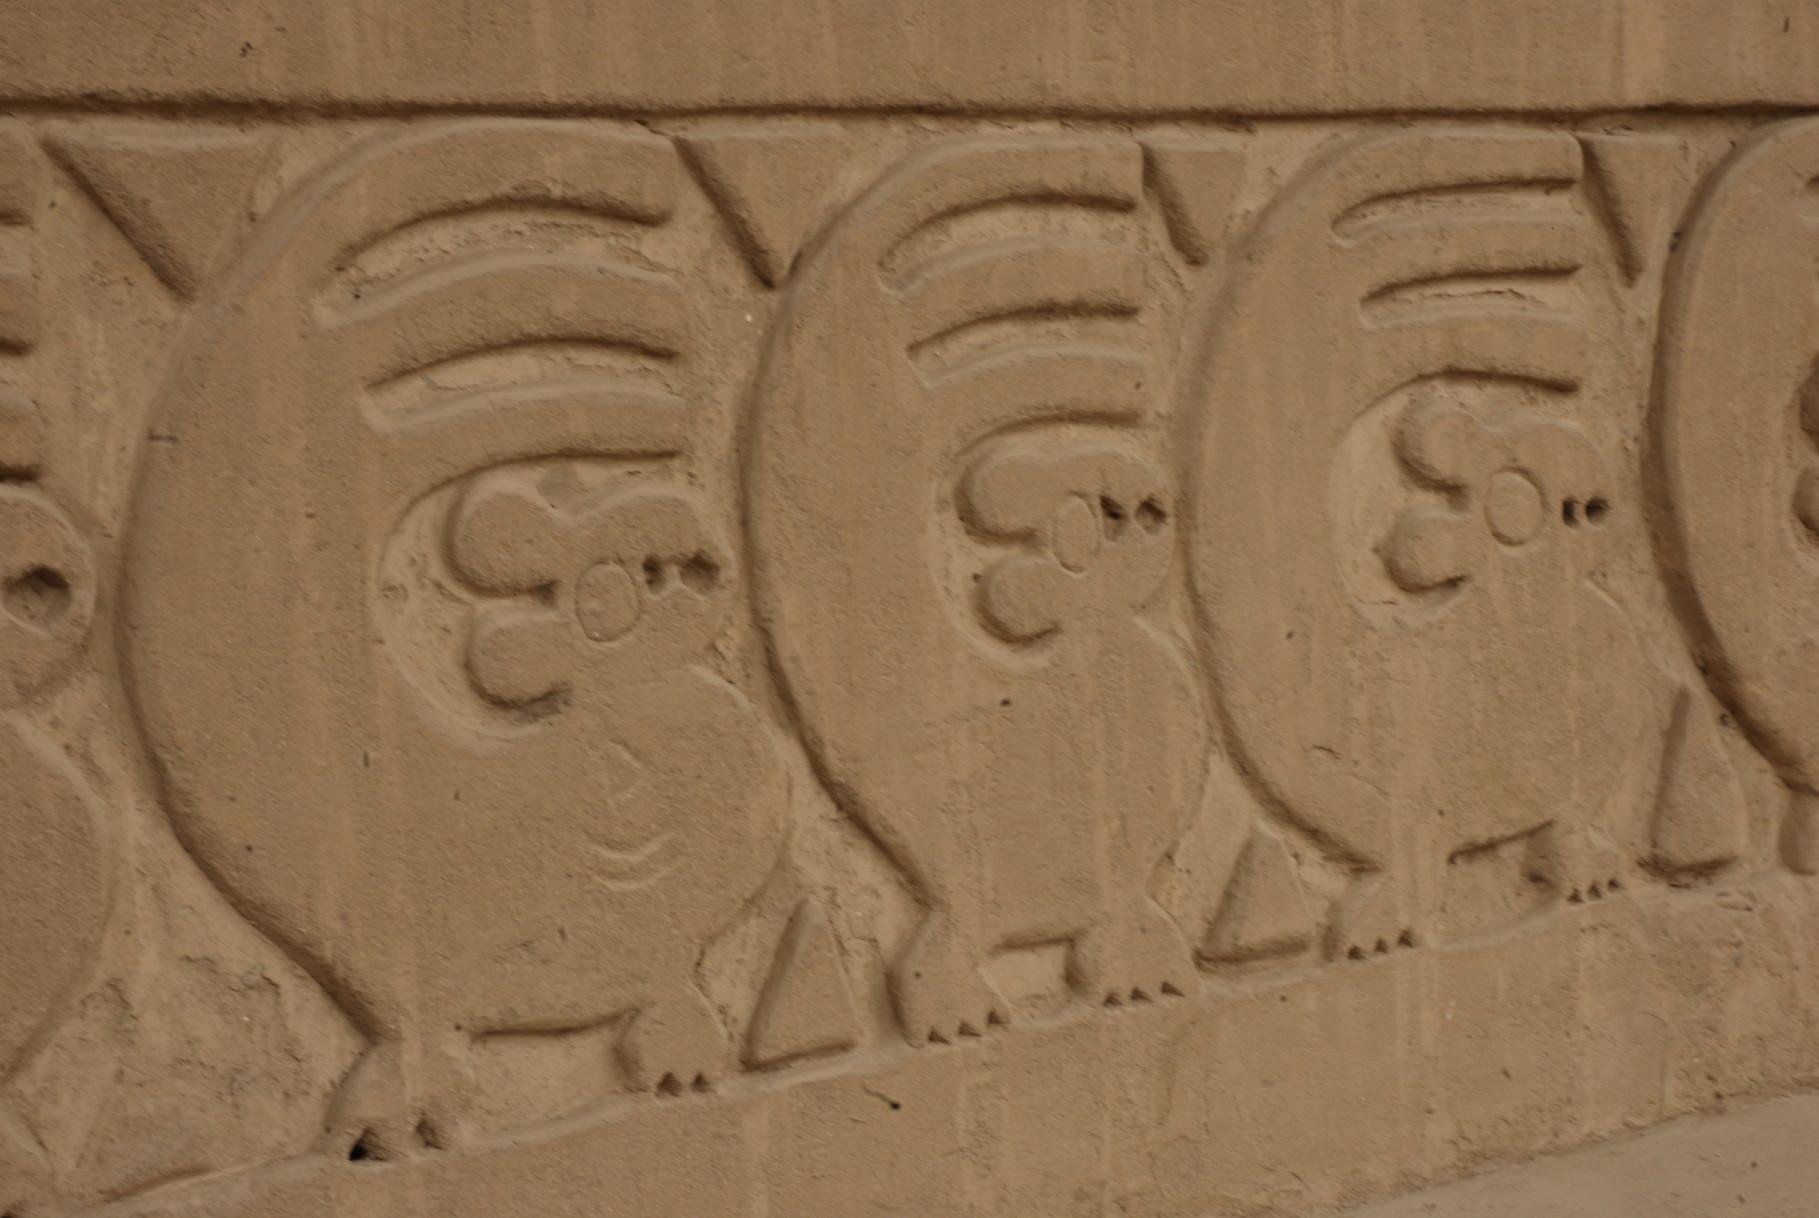 Der ganze Platz war mit Nutria-Reliefen (Biberratten) ausgestattet